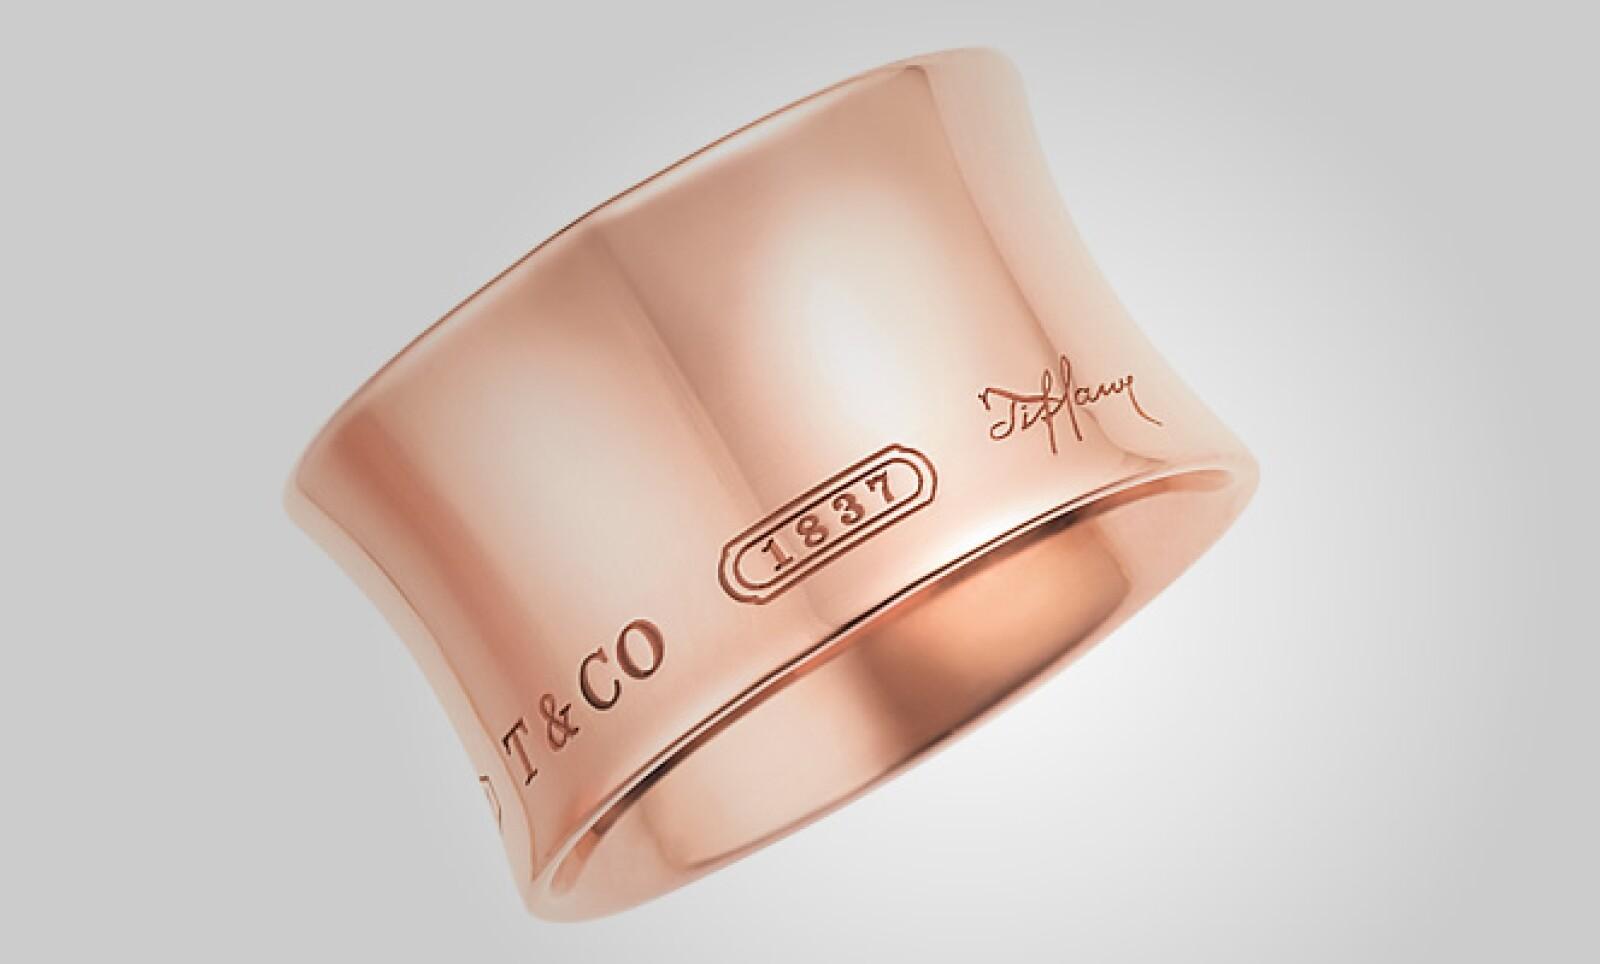 La colección se encuentra disponible en las boutiques selectas de Tiffany & Co. en todo el mundo